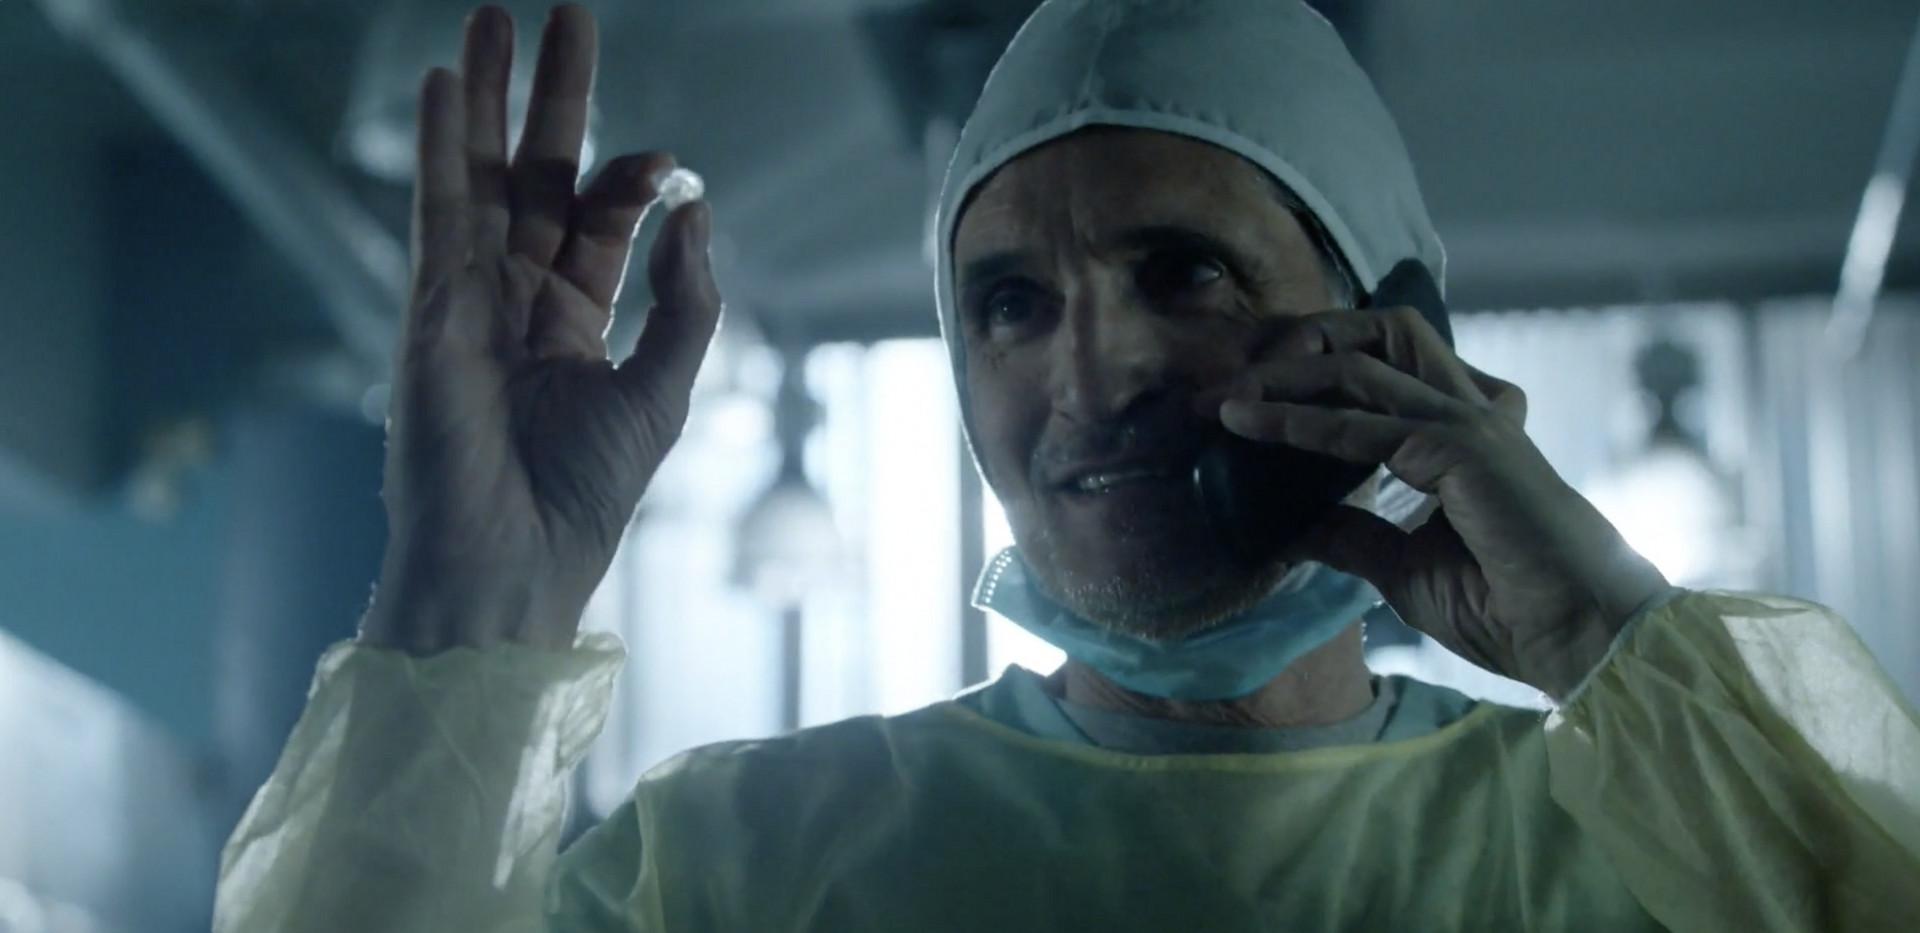 The Blacklist - Drug Lord Surgeon